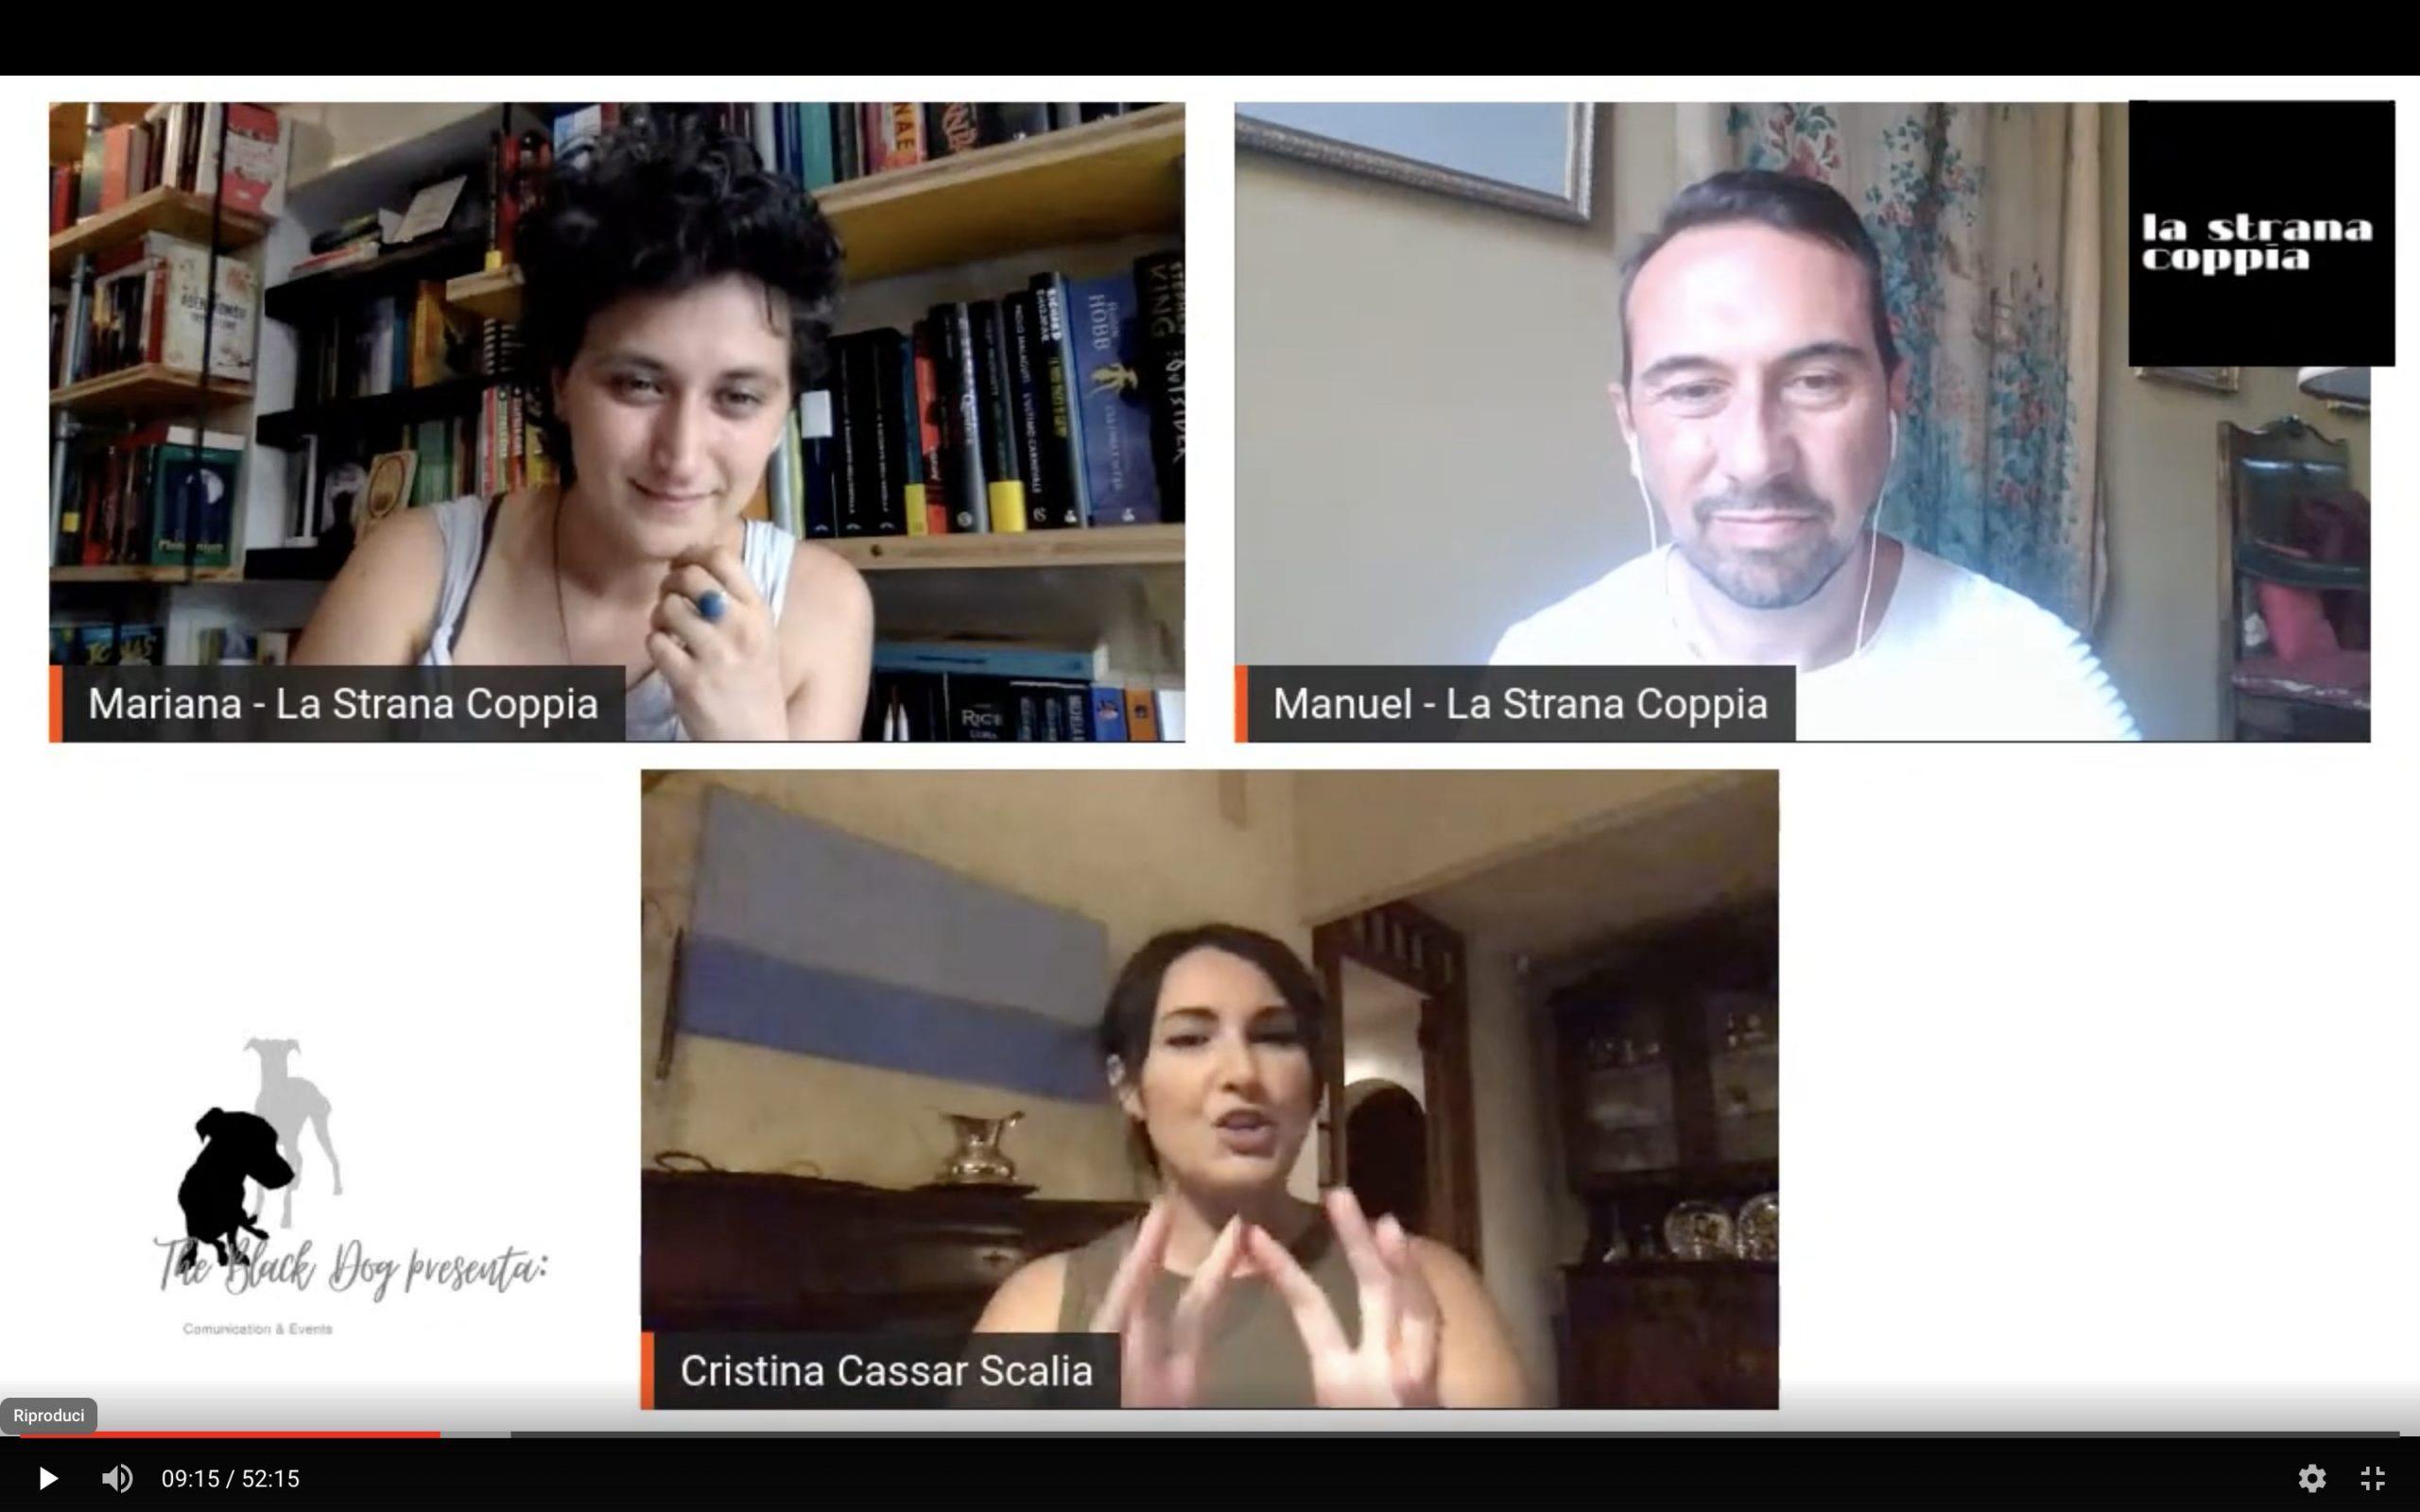 Diretta Aperta con Cristina Cassar Scalia #LaStranaCoppia